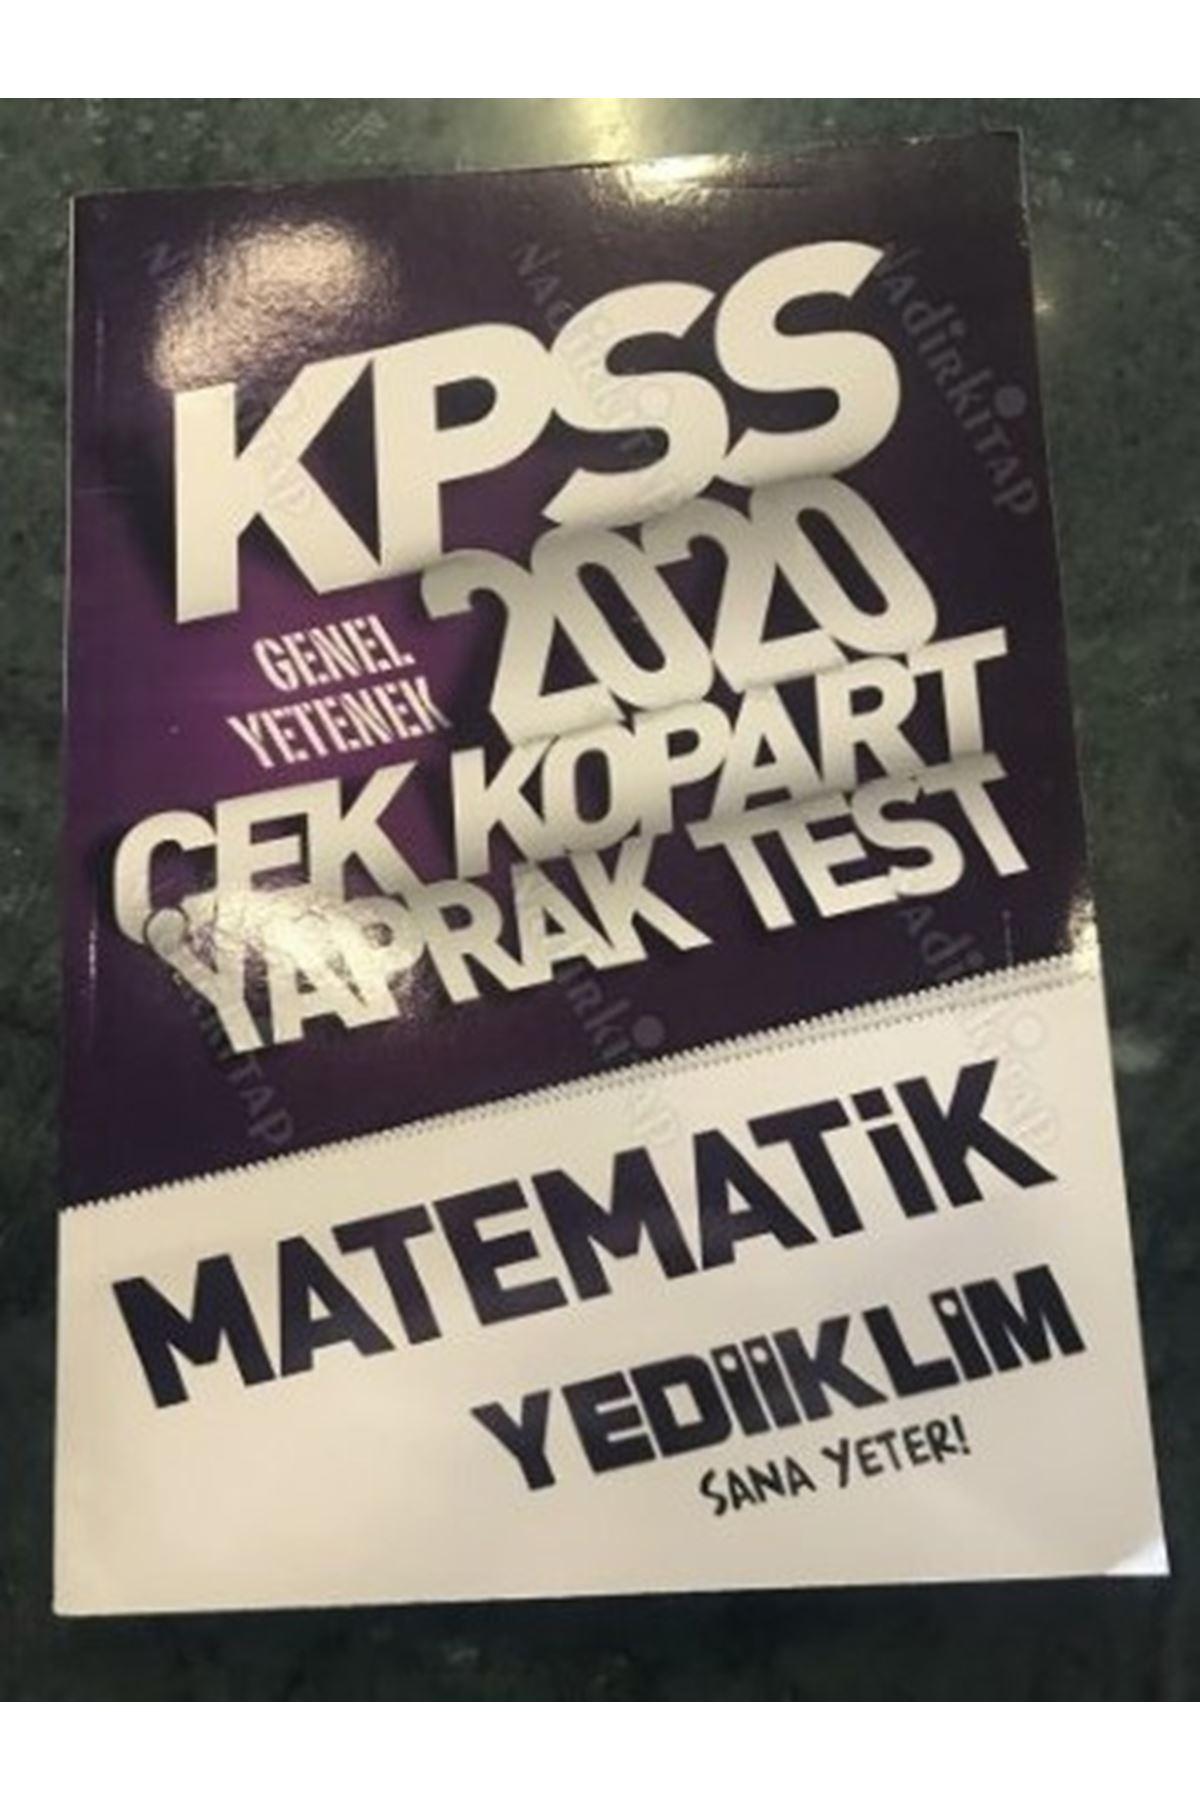 KPSS 2020 ÇEK KOPART YAPRAK TEST MATEMATİK